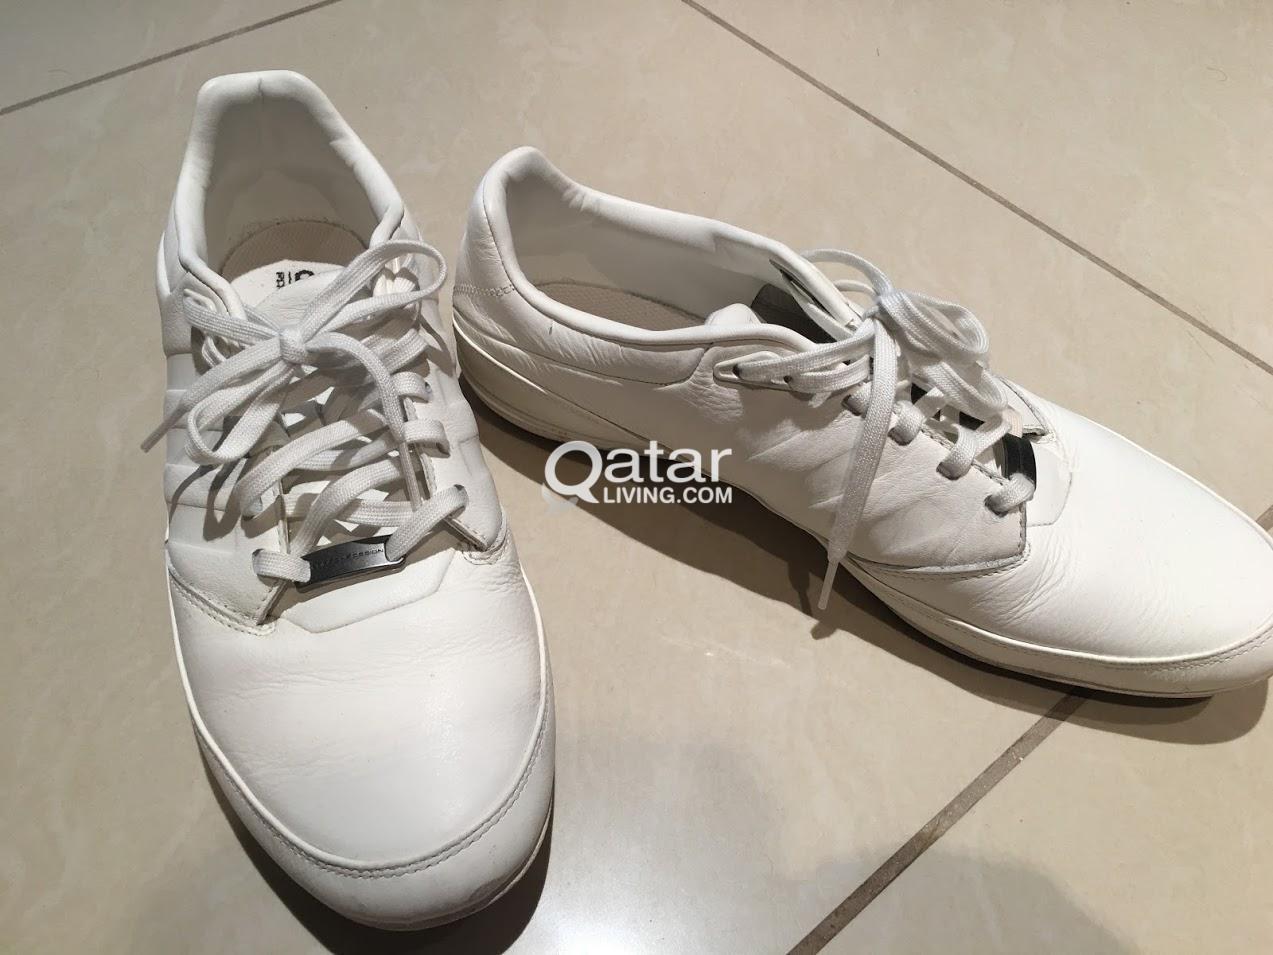 san francisco 75652 48ce6 best price sepatu adidas porsche design ultra putih vietnam cowok man pria  40 44 b4390 54d66  inexpensive title title ca0e6 98d78